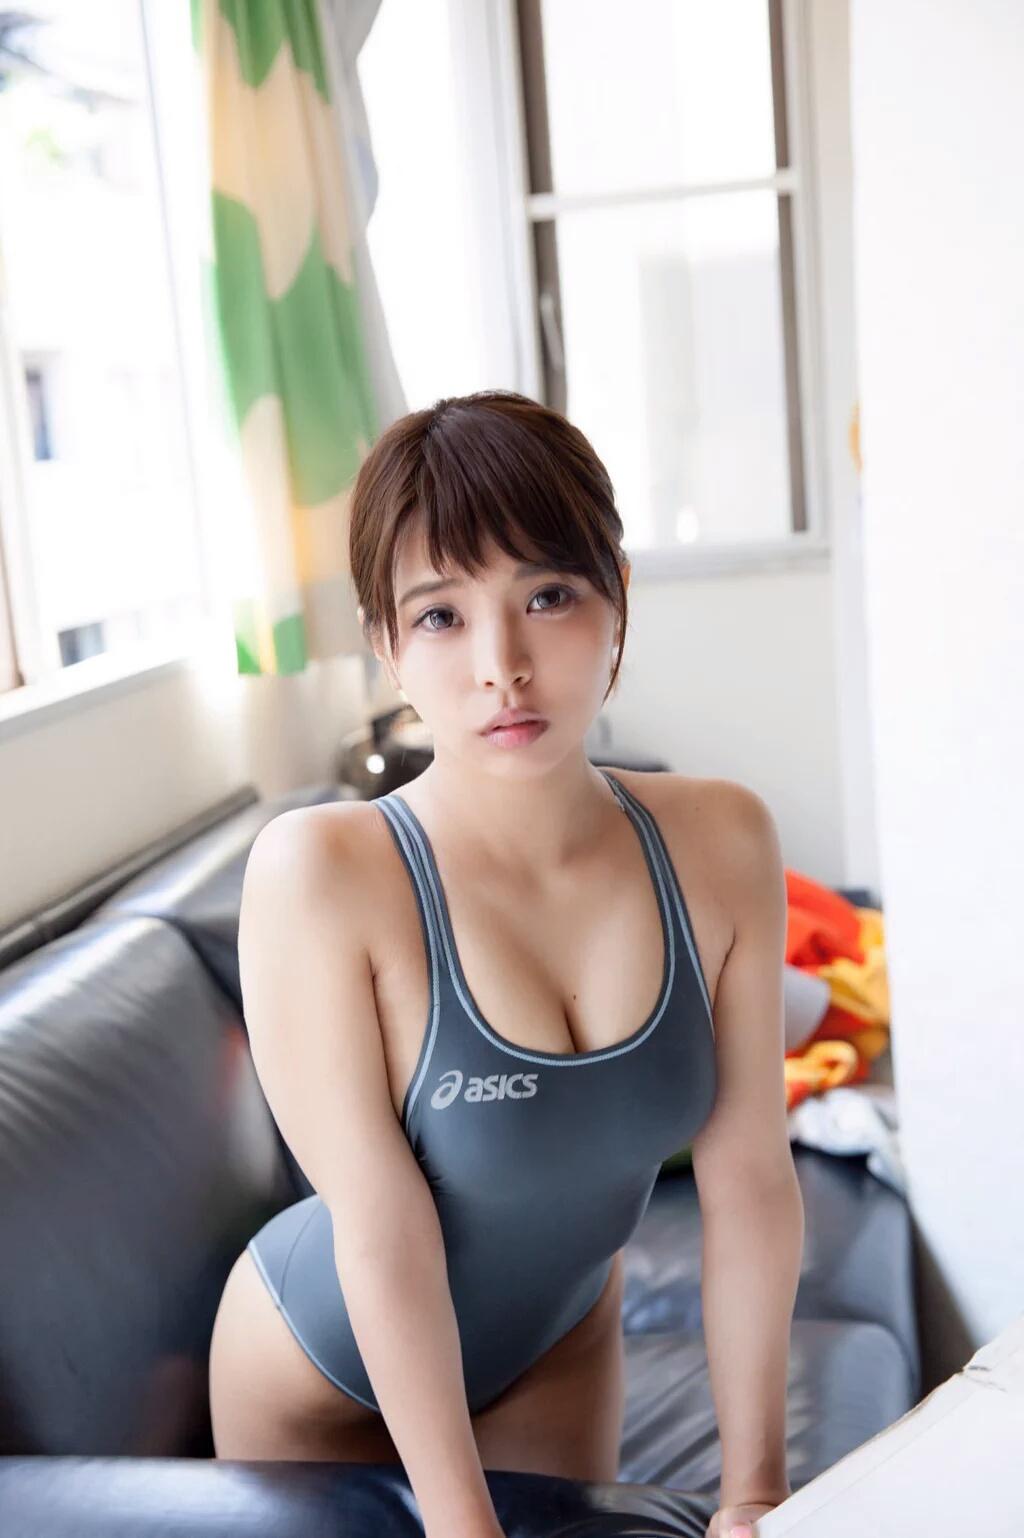 三次元 3次元 エロ画像 競泳水着 べっぴん娘通信 001